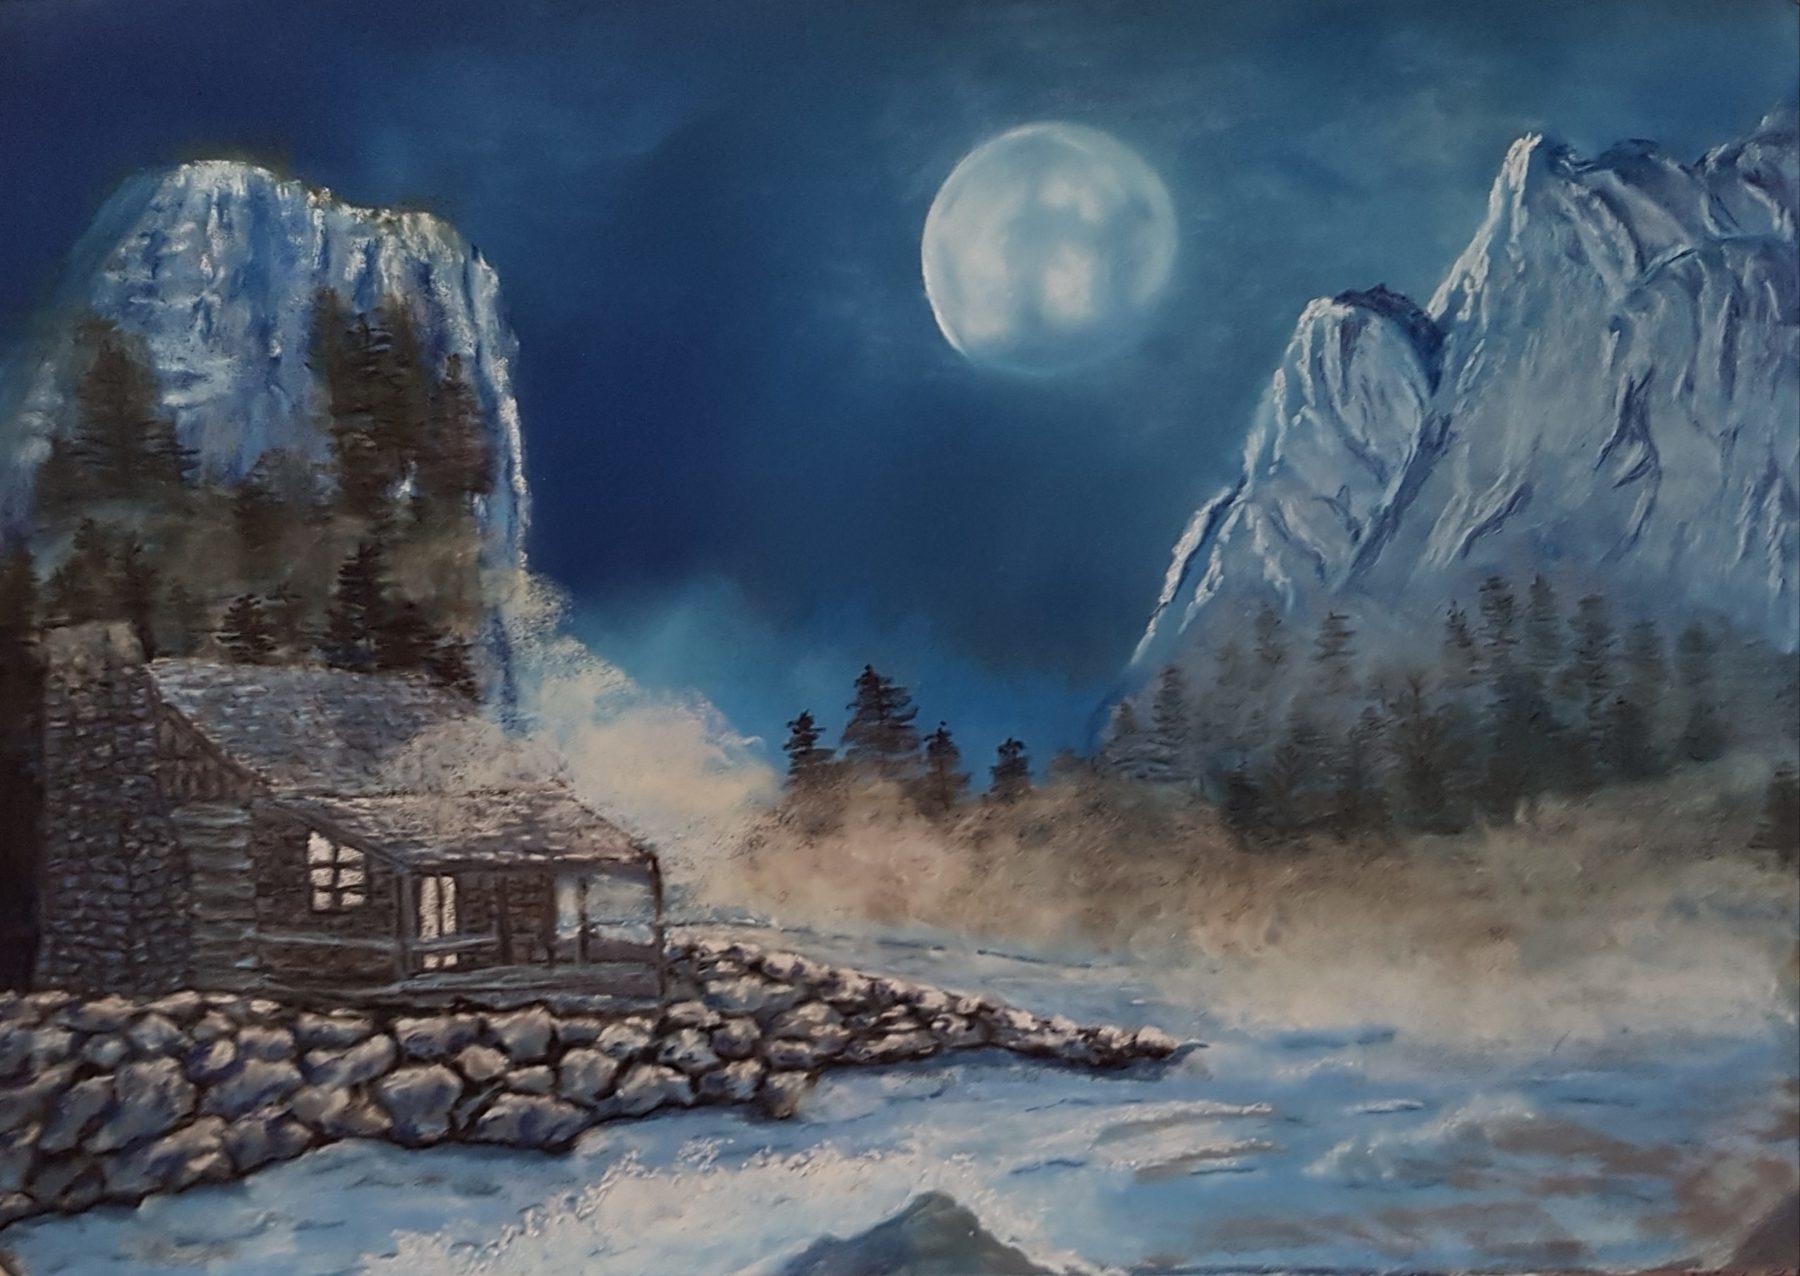 cabane_dans_la_nuit